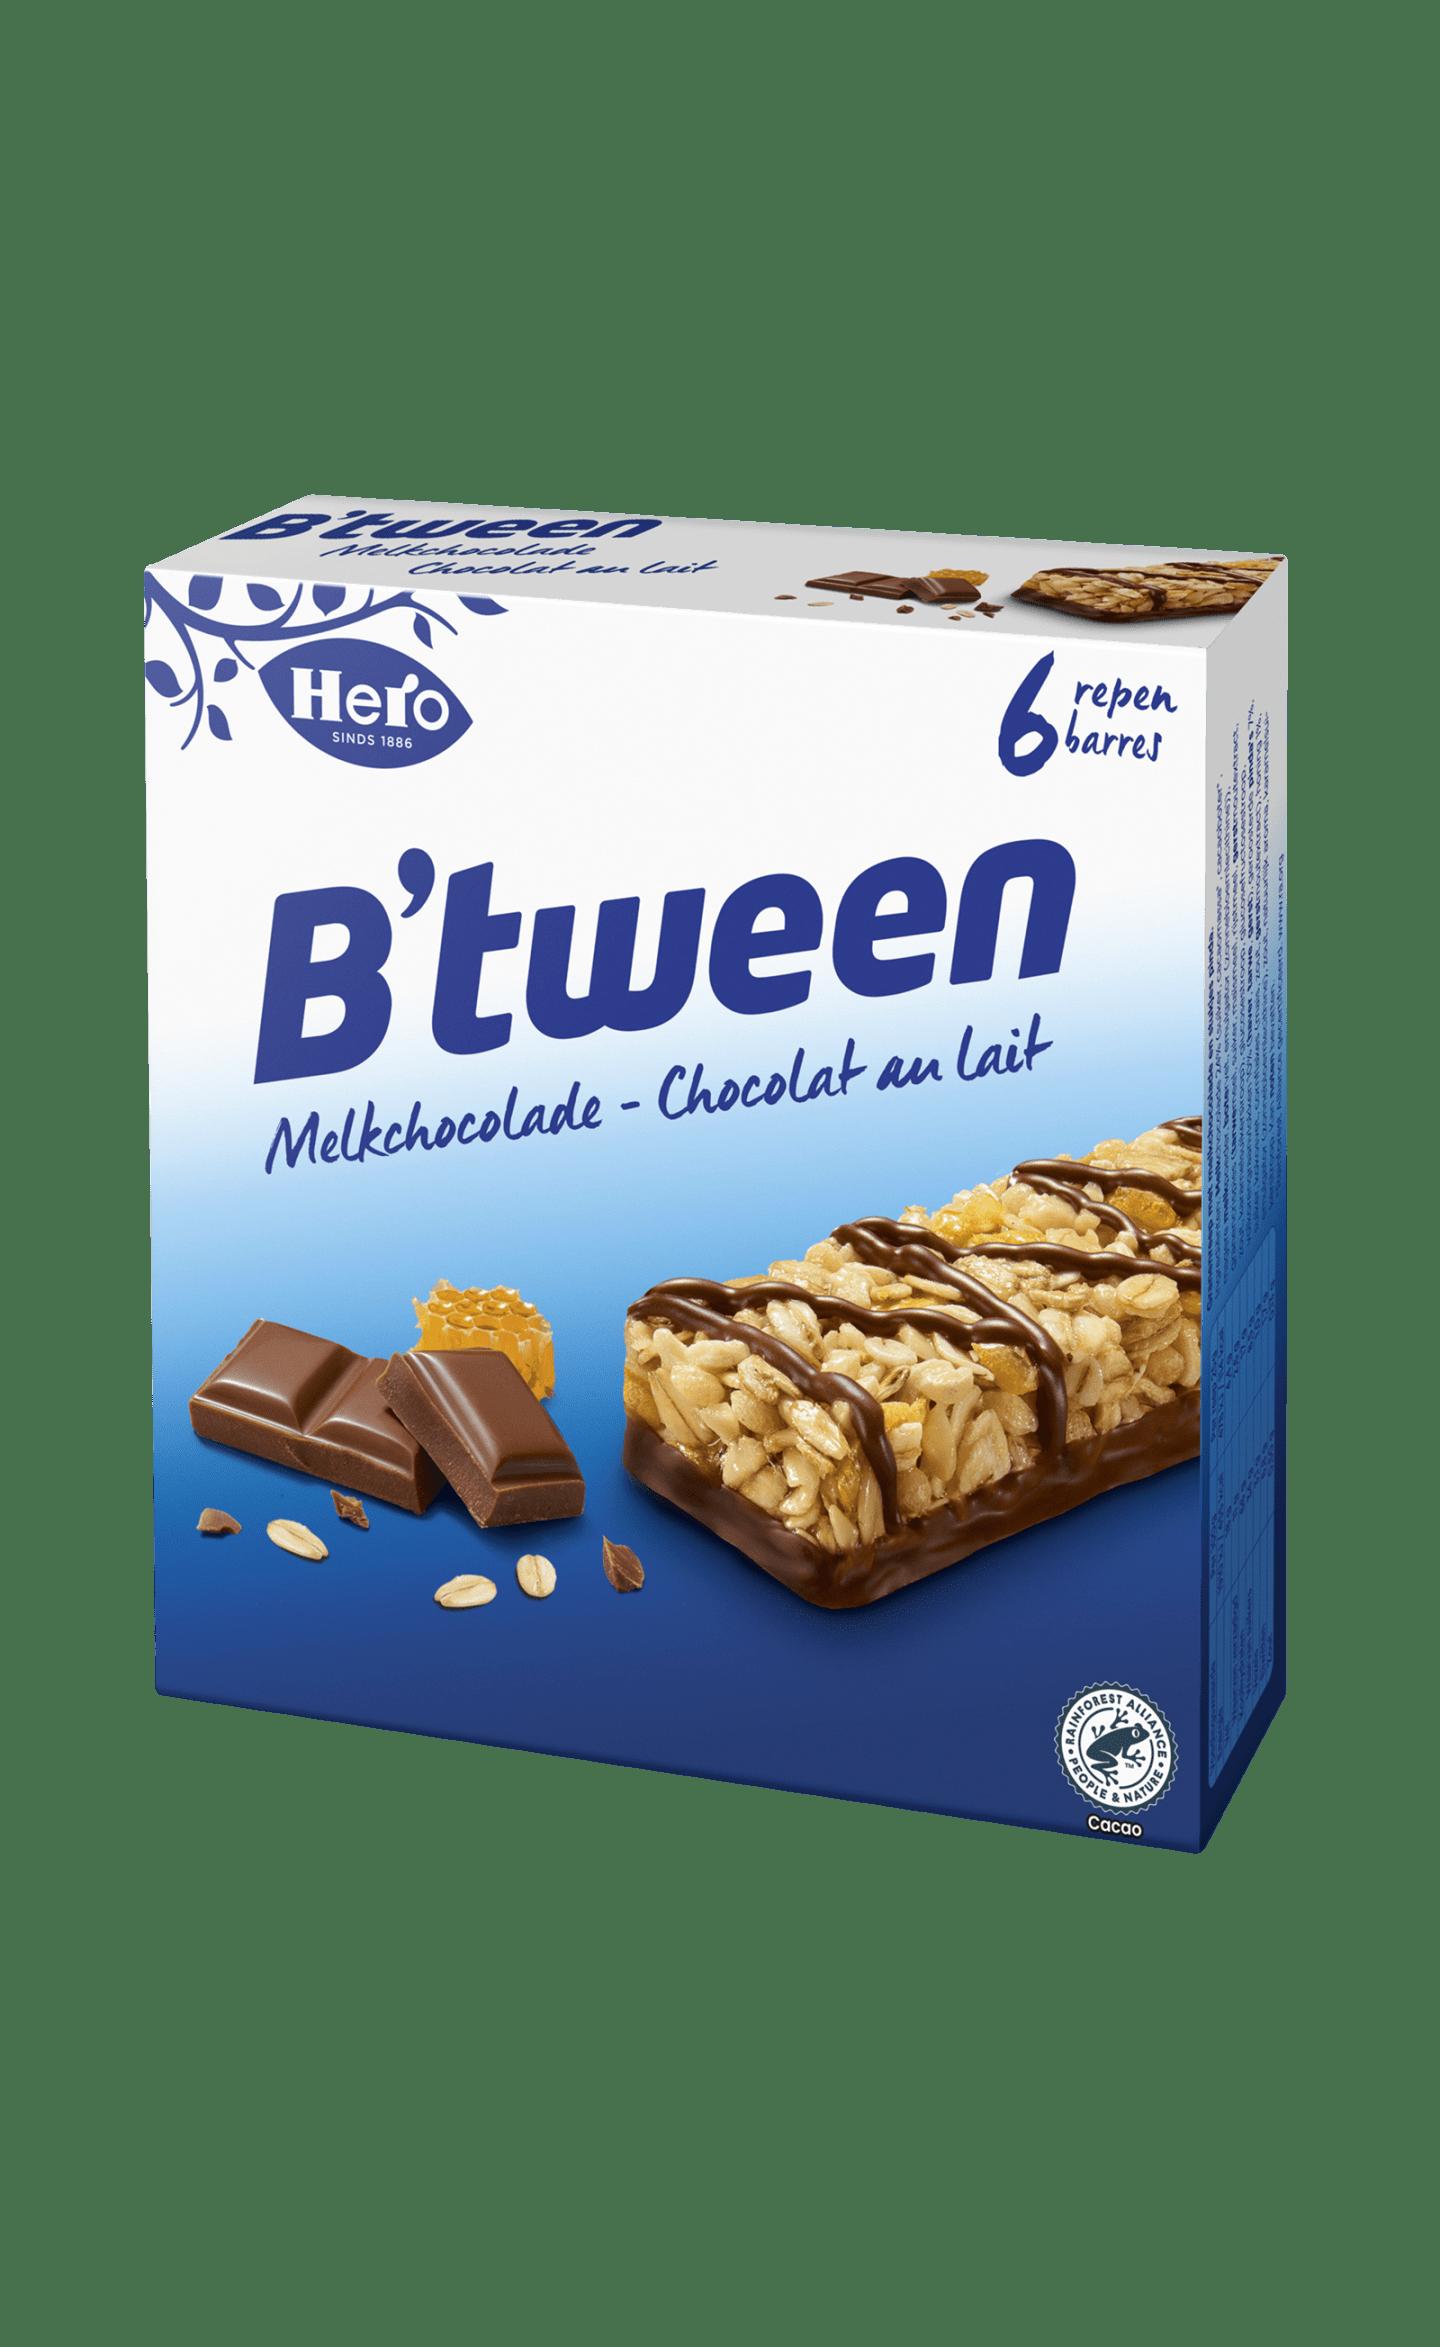 B'tween Melkchocolade